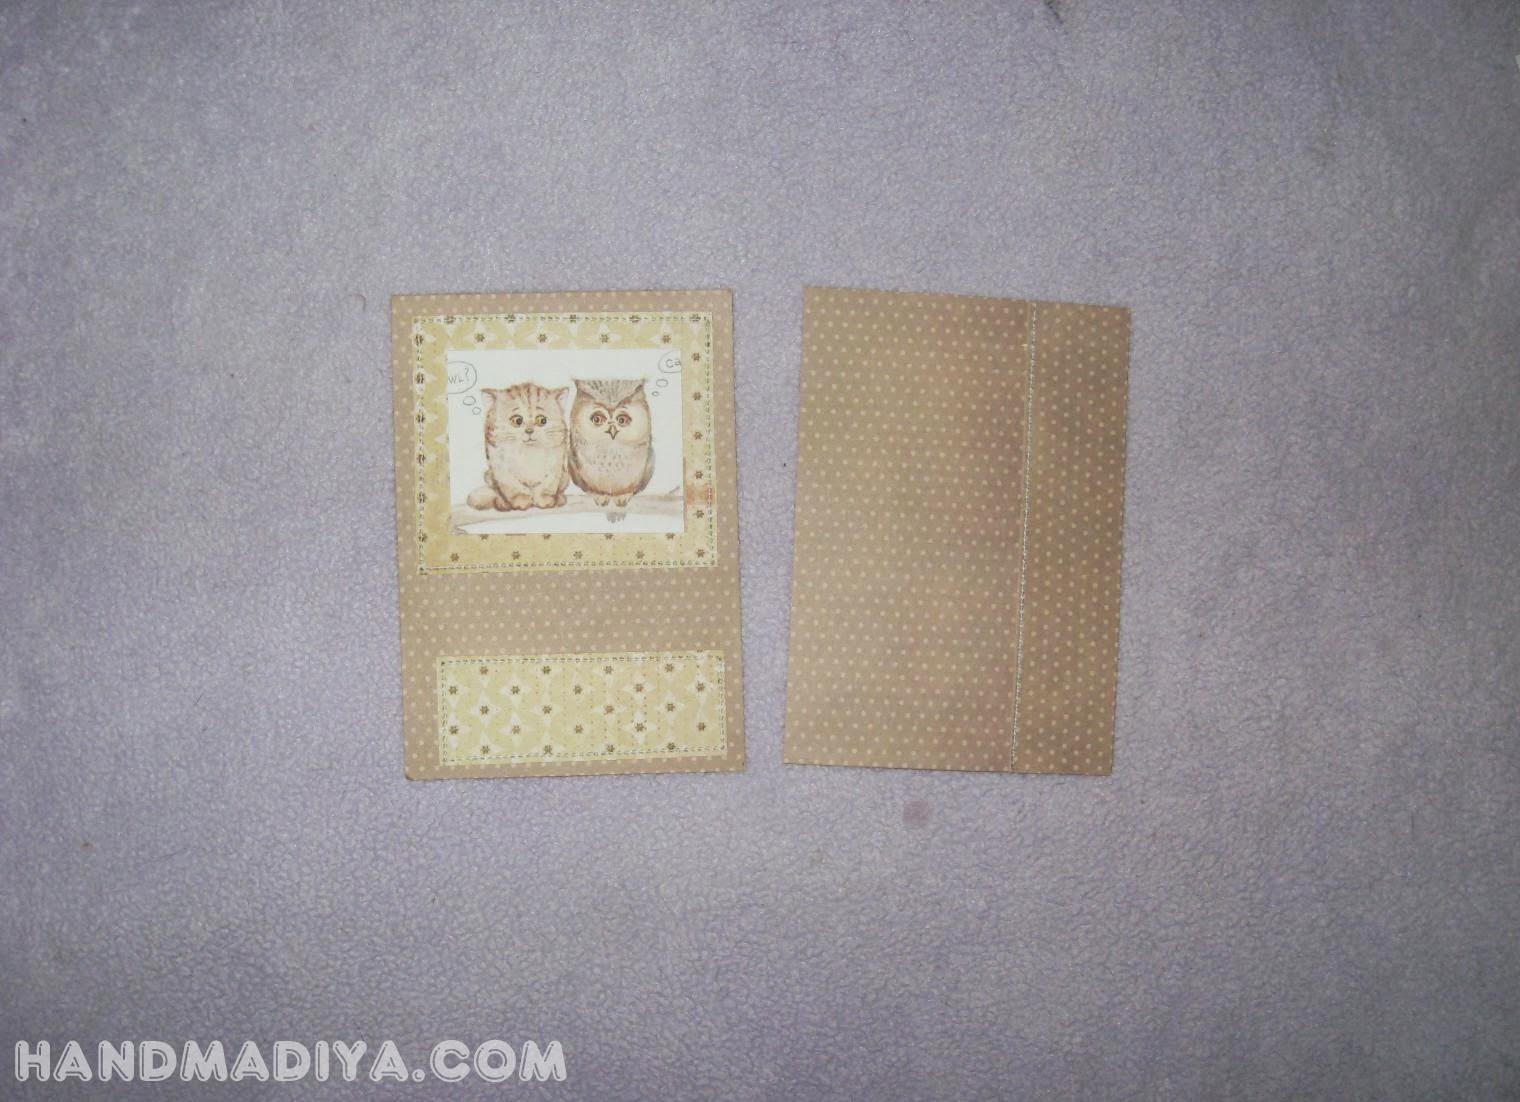 Обложка для паспорта, мастер класс. Passport cover